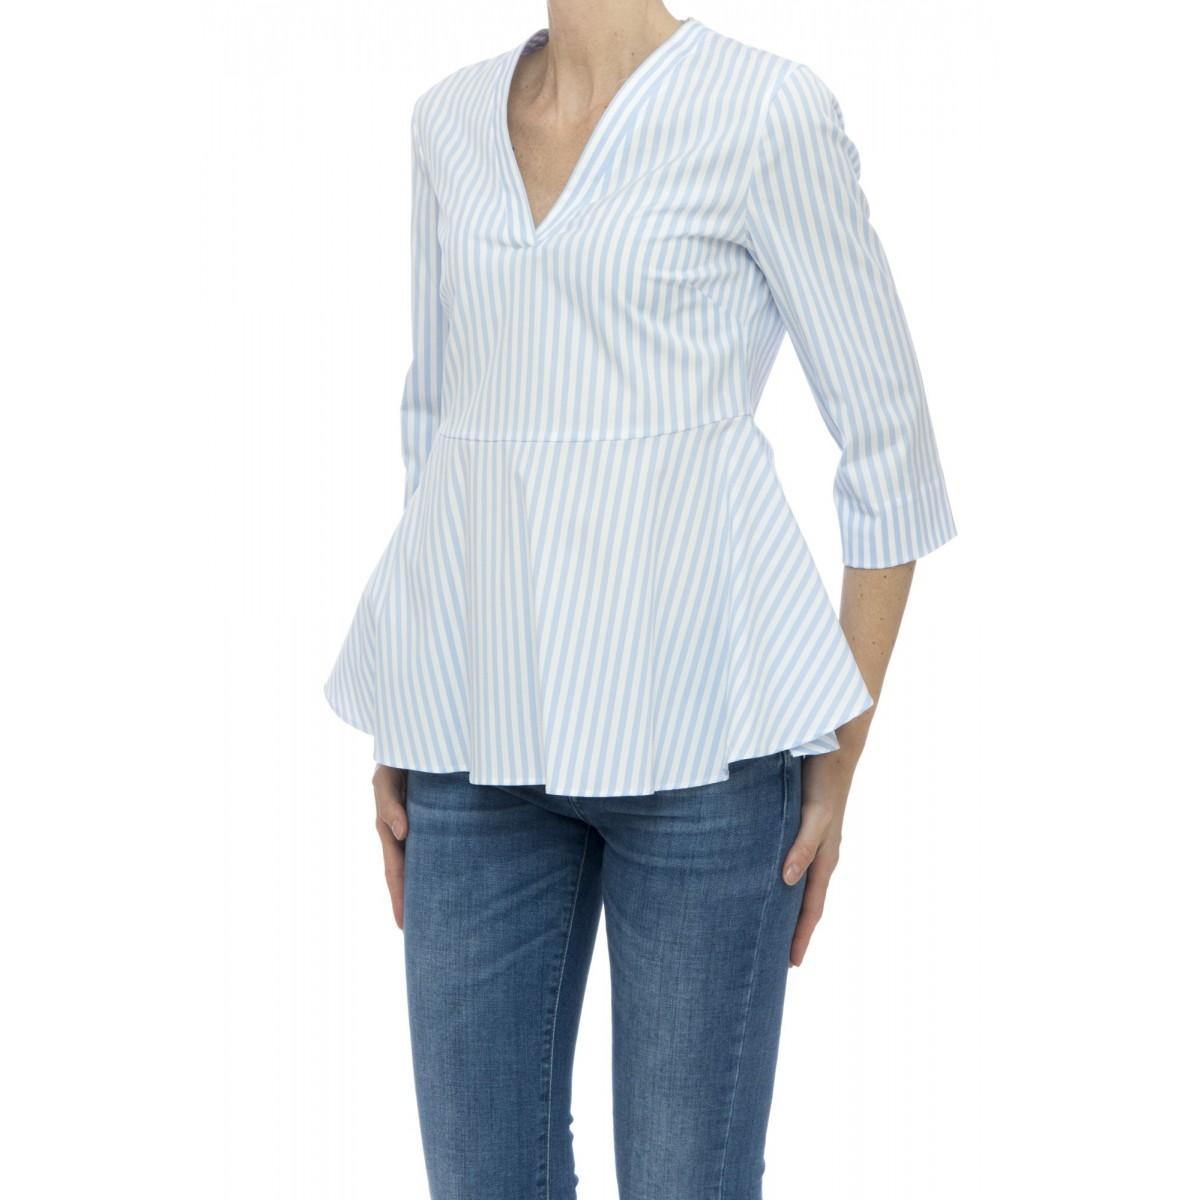 Camicia manica corta donna - R12 zit